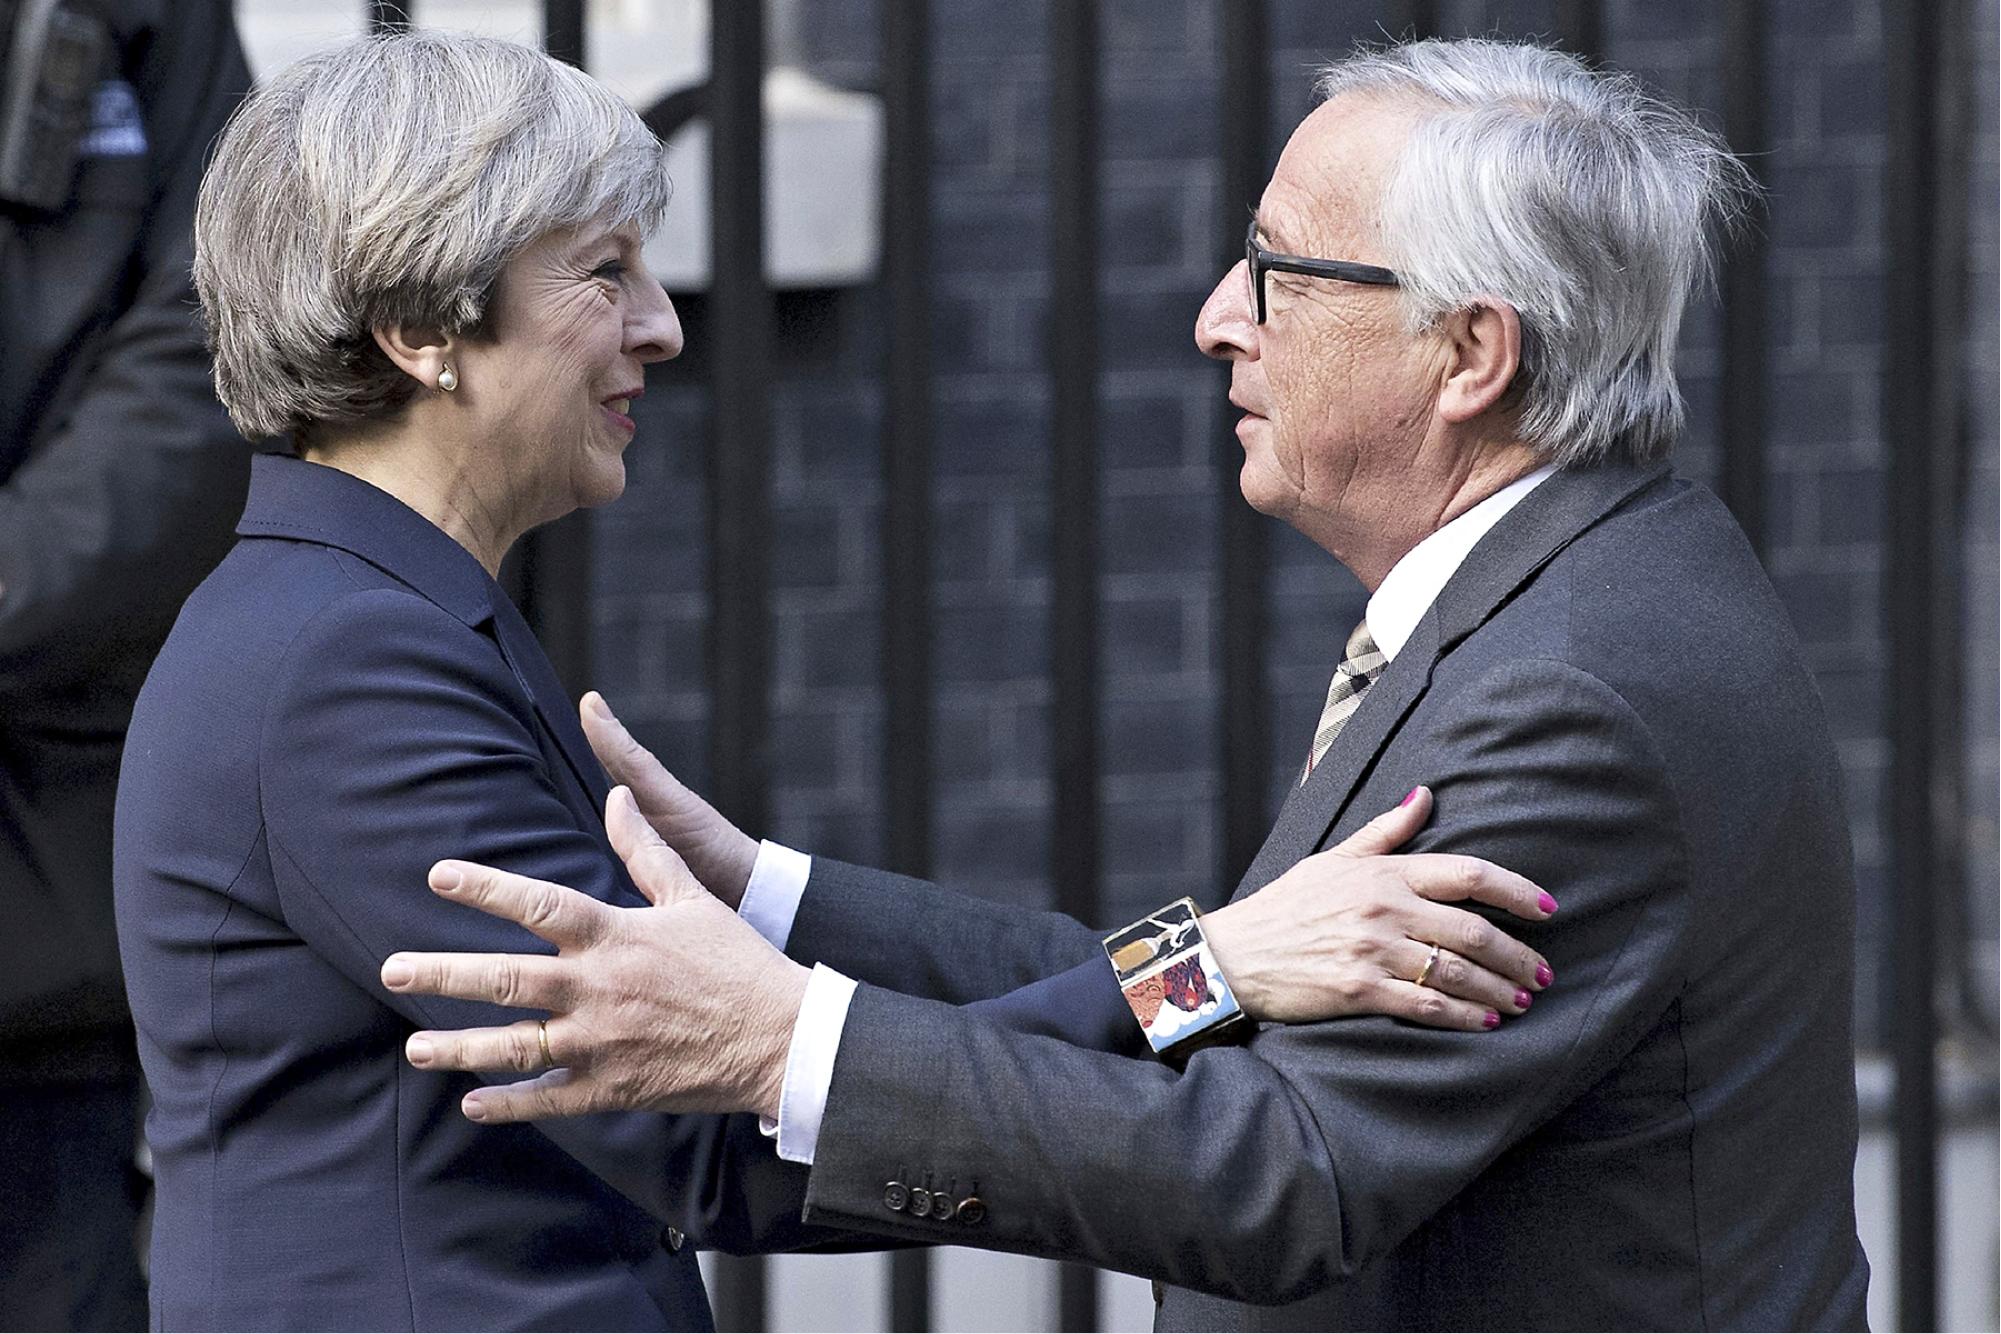 Theresa May ja EU-komission Jean-Claude Juncker tervehtivät toisiaan ennen illallista Lontoossa 26.4.